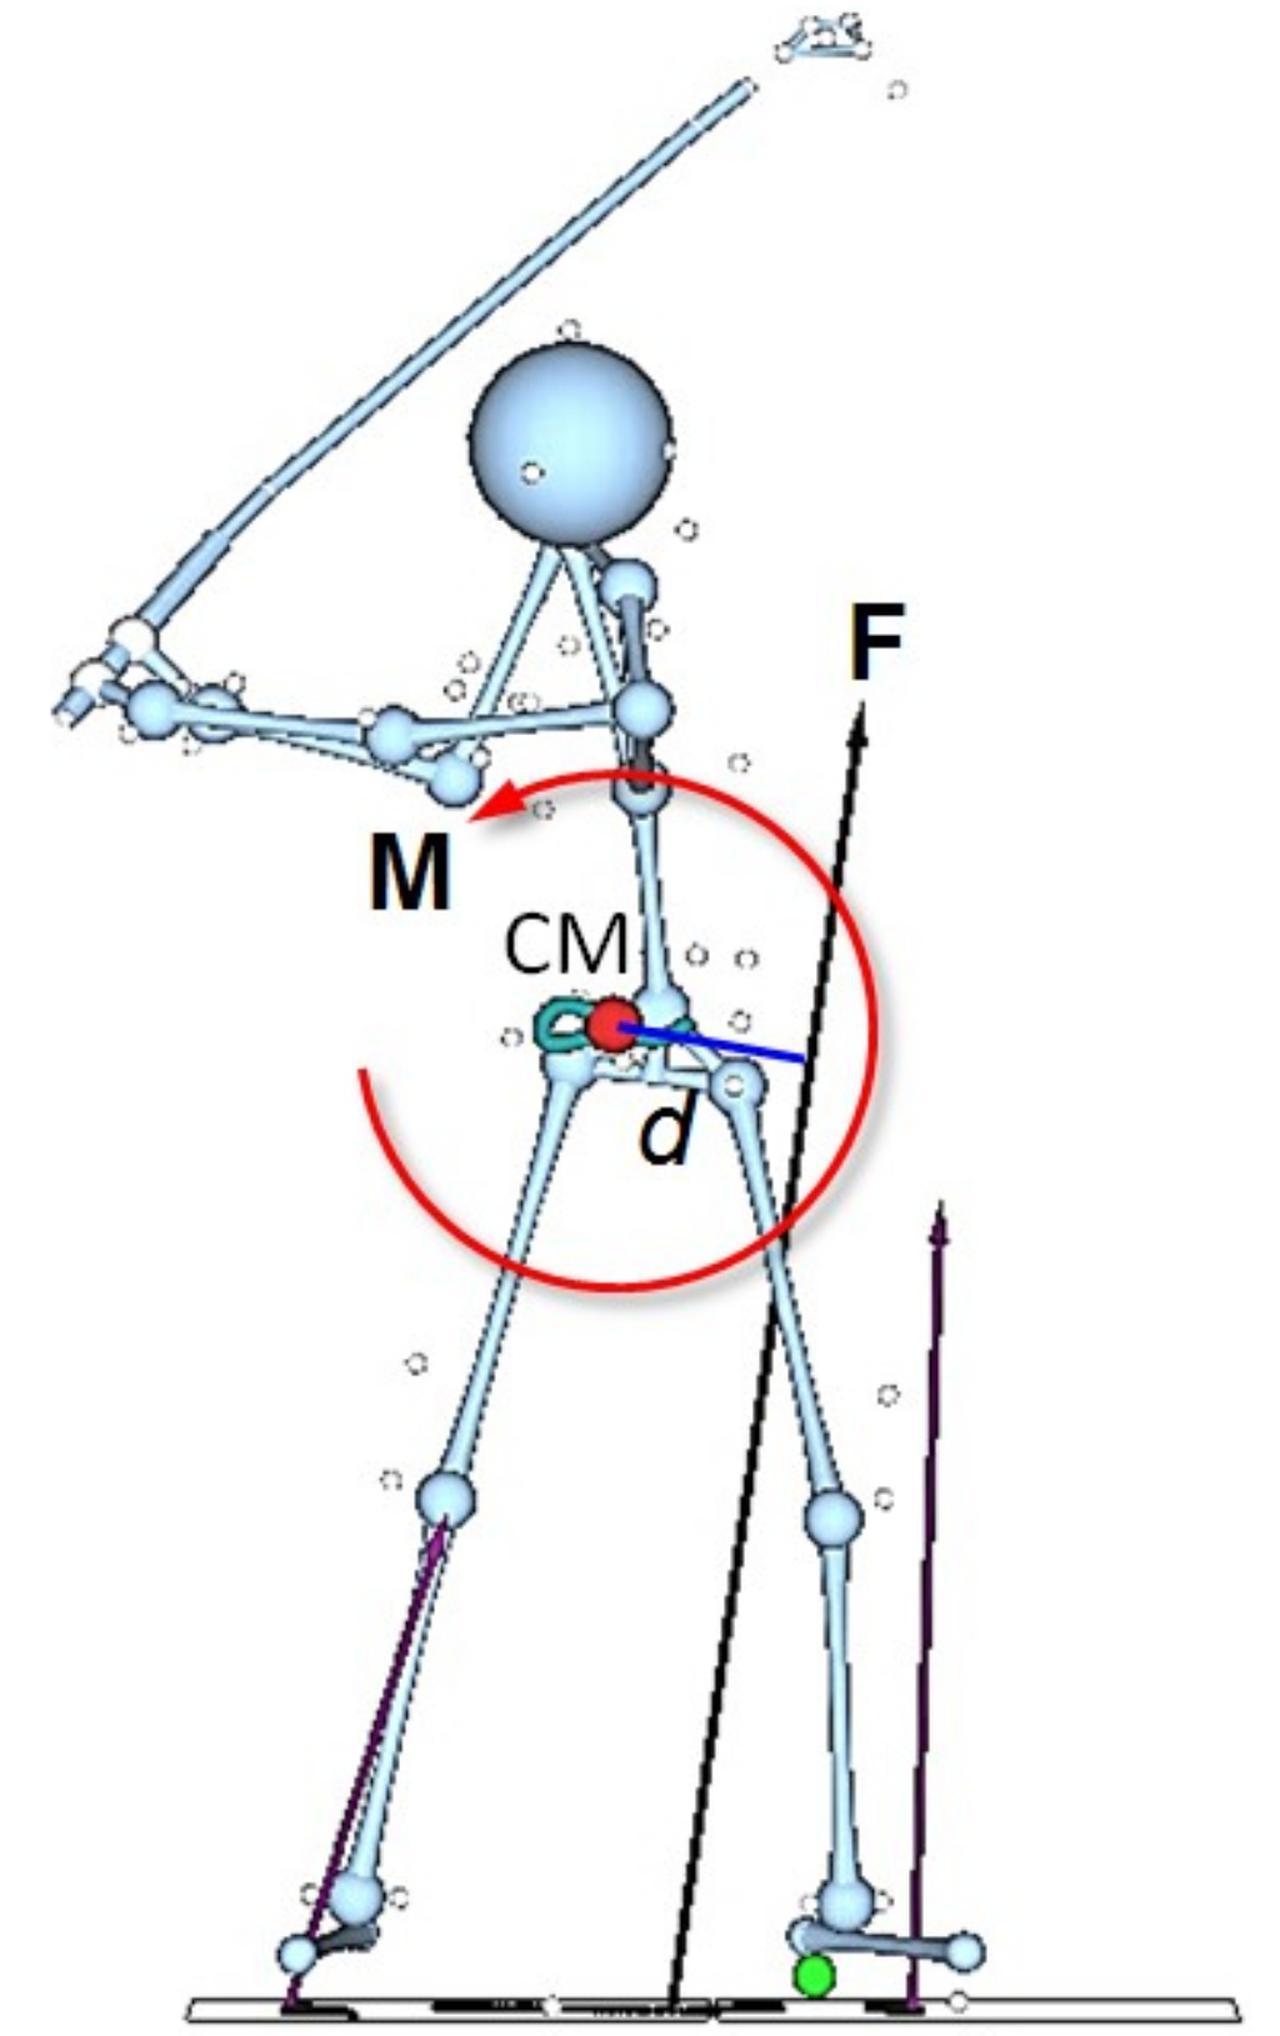 画像: 両足で均等の強さで真下にプッシュしてしまうと、地面反力の合力Fが真上に働くため、回転力が生まれないばかりか、体が伸び上がる原因になってしまう。切り返しでは左足で左斜め下に踏み込む意識が重要